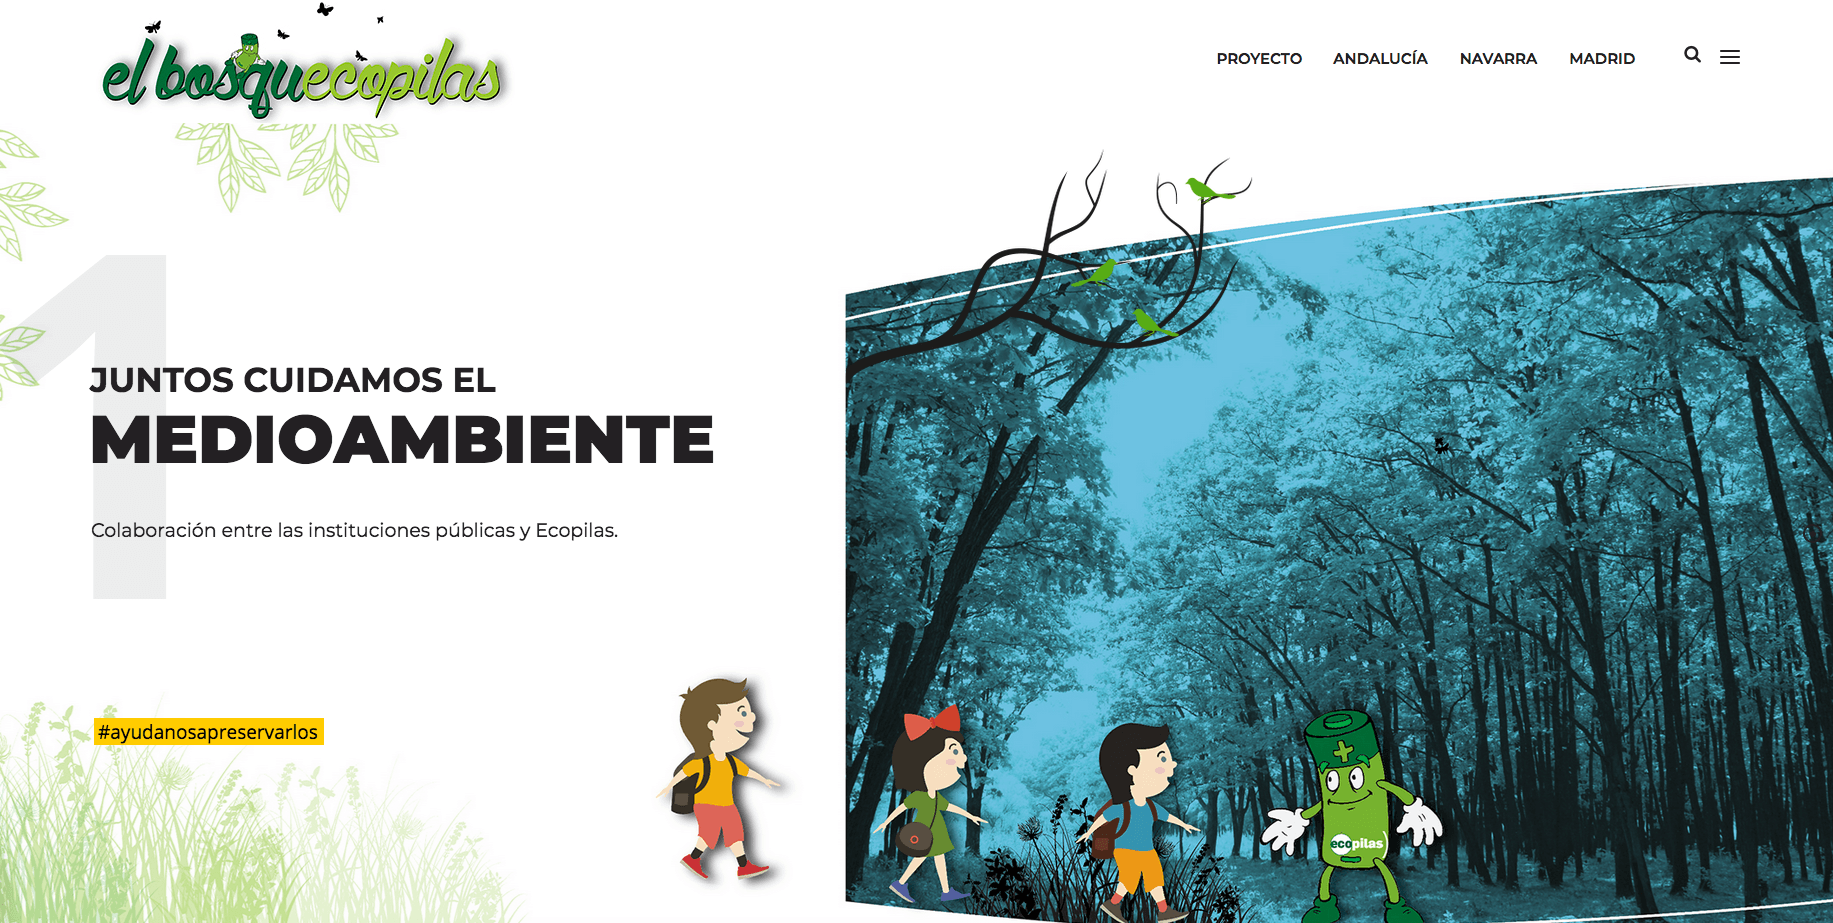 El Bosque Ecopilas